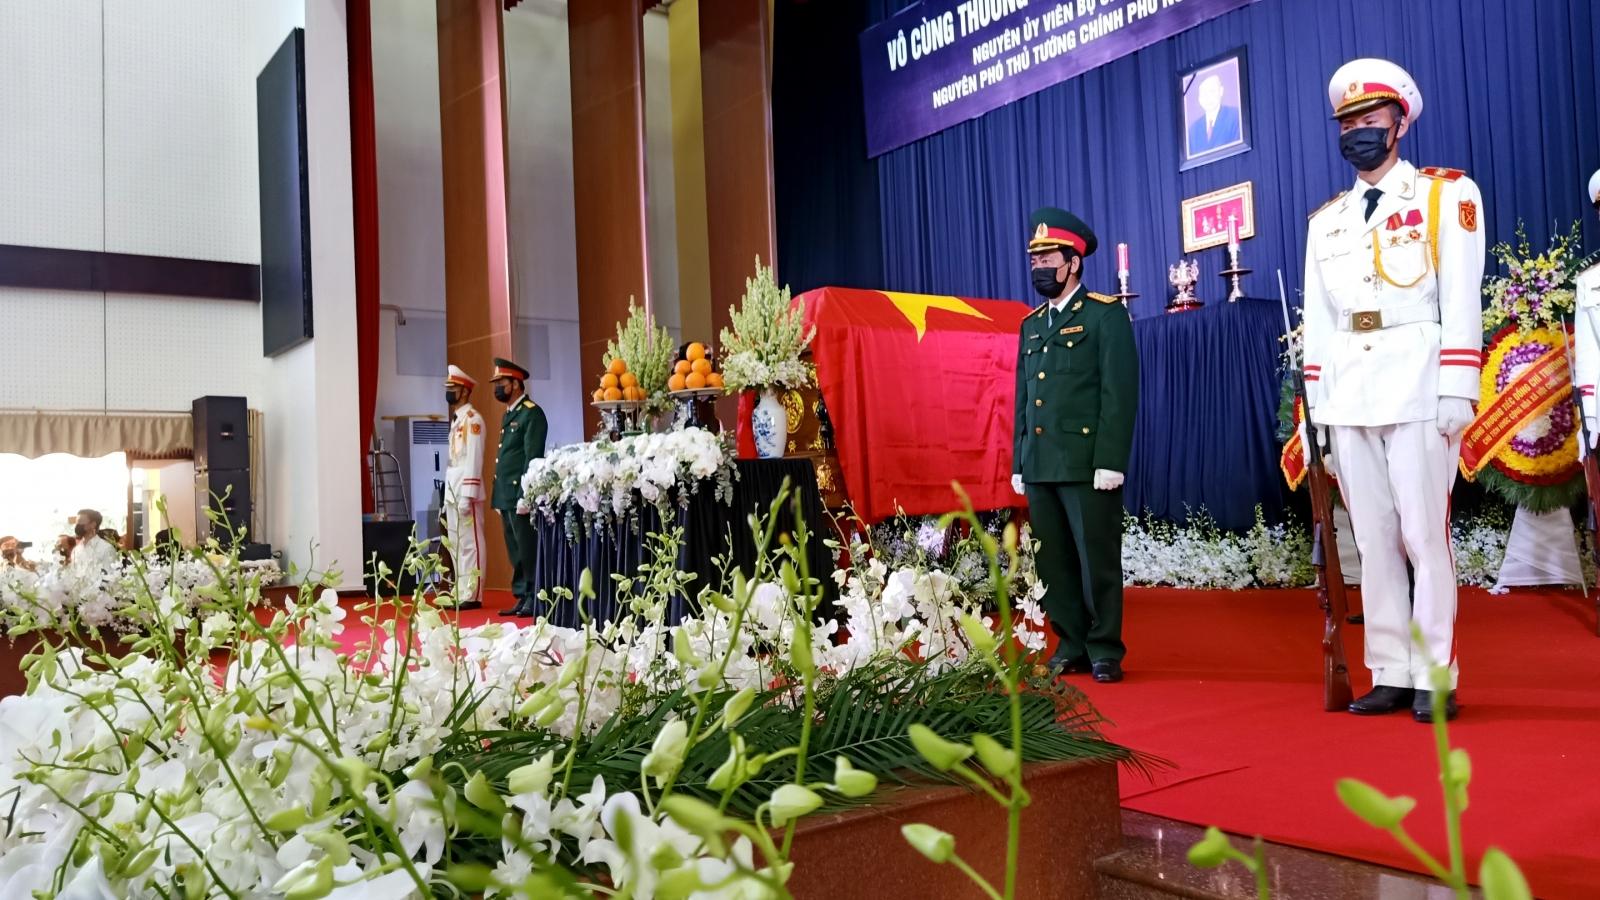 Hình ảnh: Lễ viếng nguyên Phó Thủ tướng Trương Vĩnh Trọng tại Bến Tre